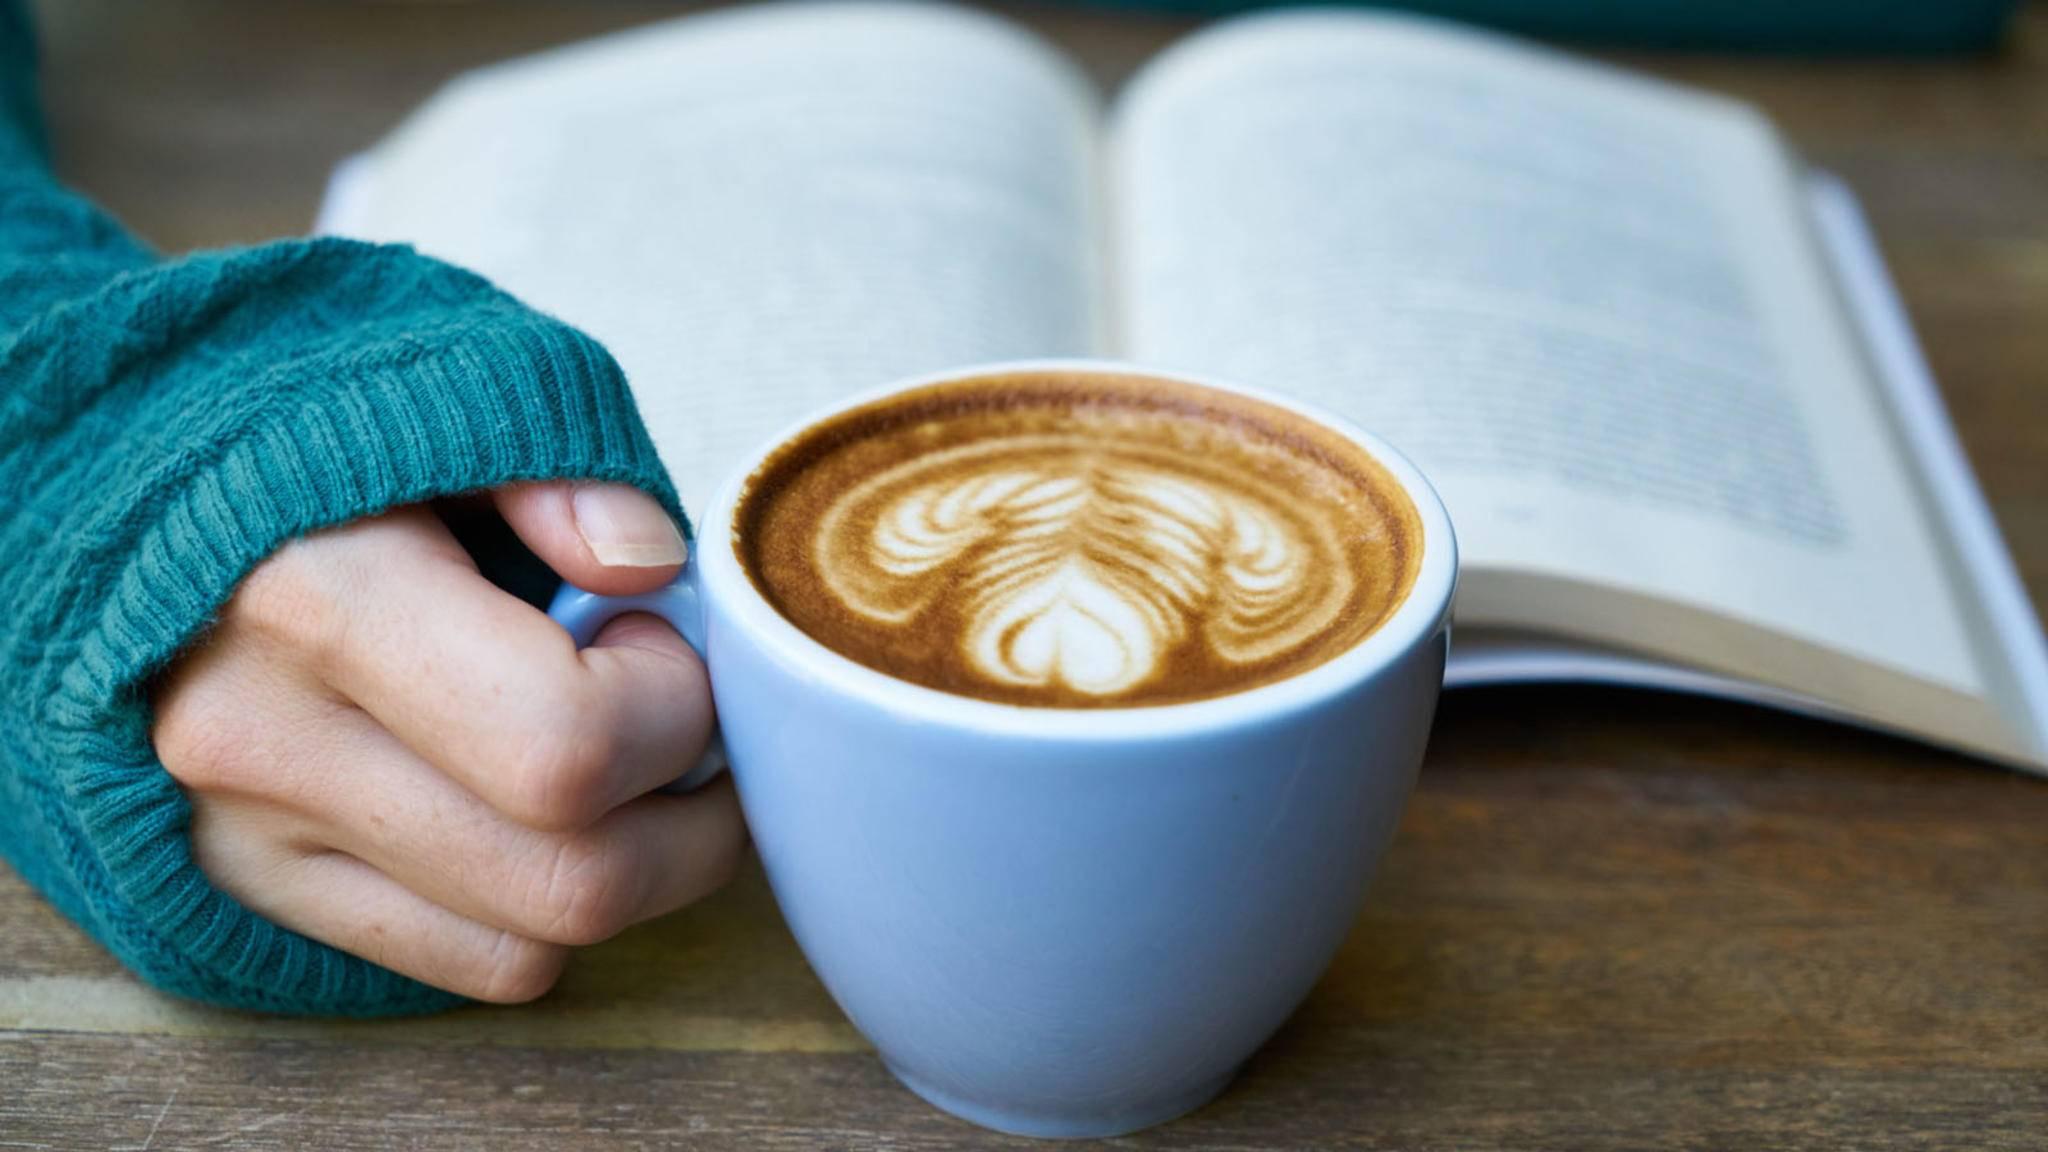 Latte Art gehört zu Cappuccino und Co. einfach dazu, aber welche Milch eignet sich eigentlich am besten zum Aufschäumen?